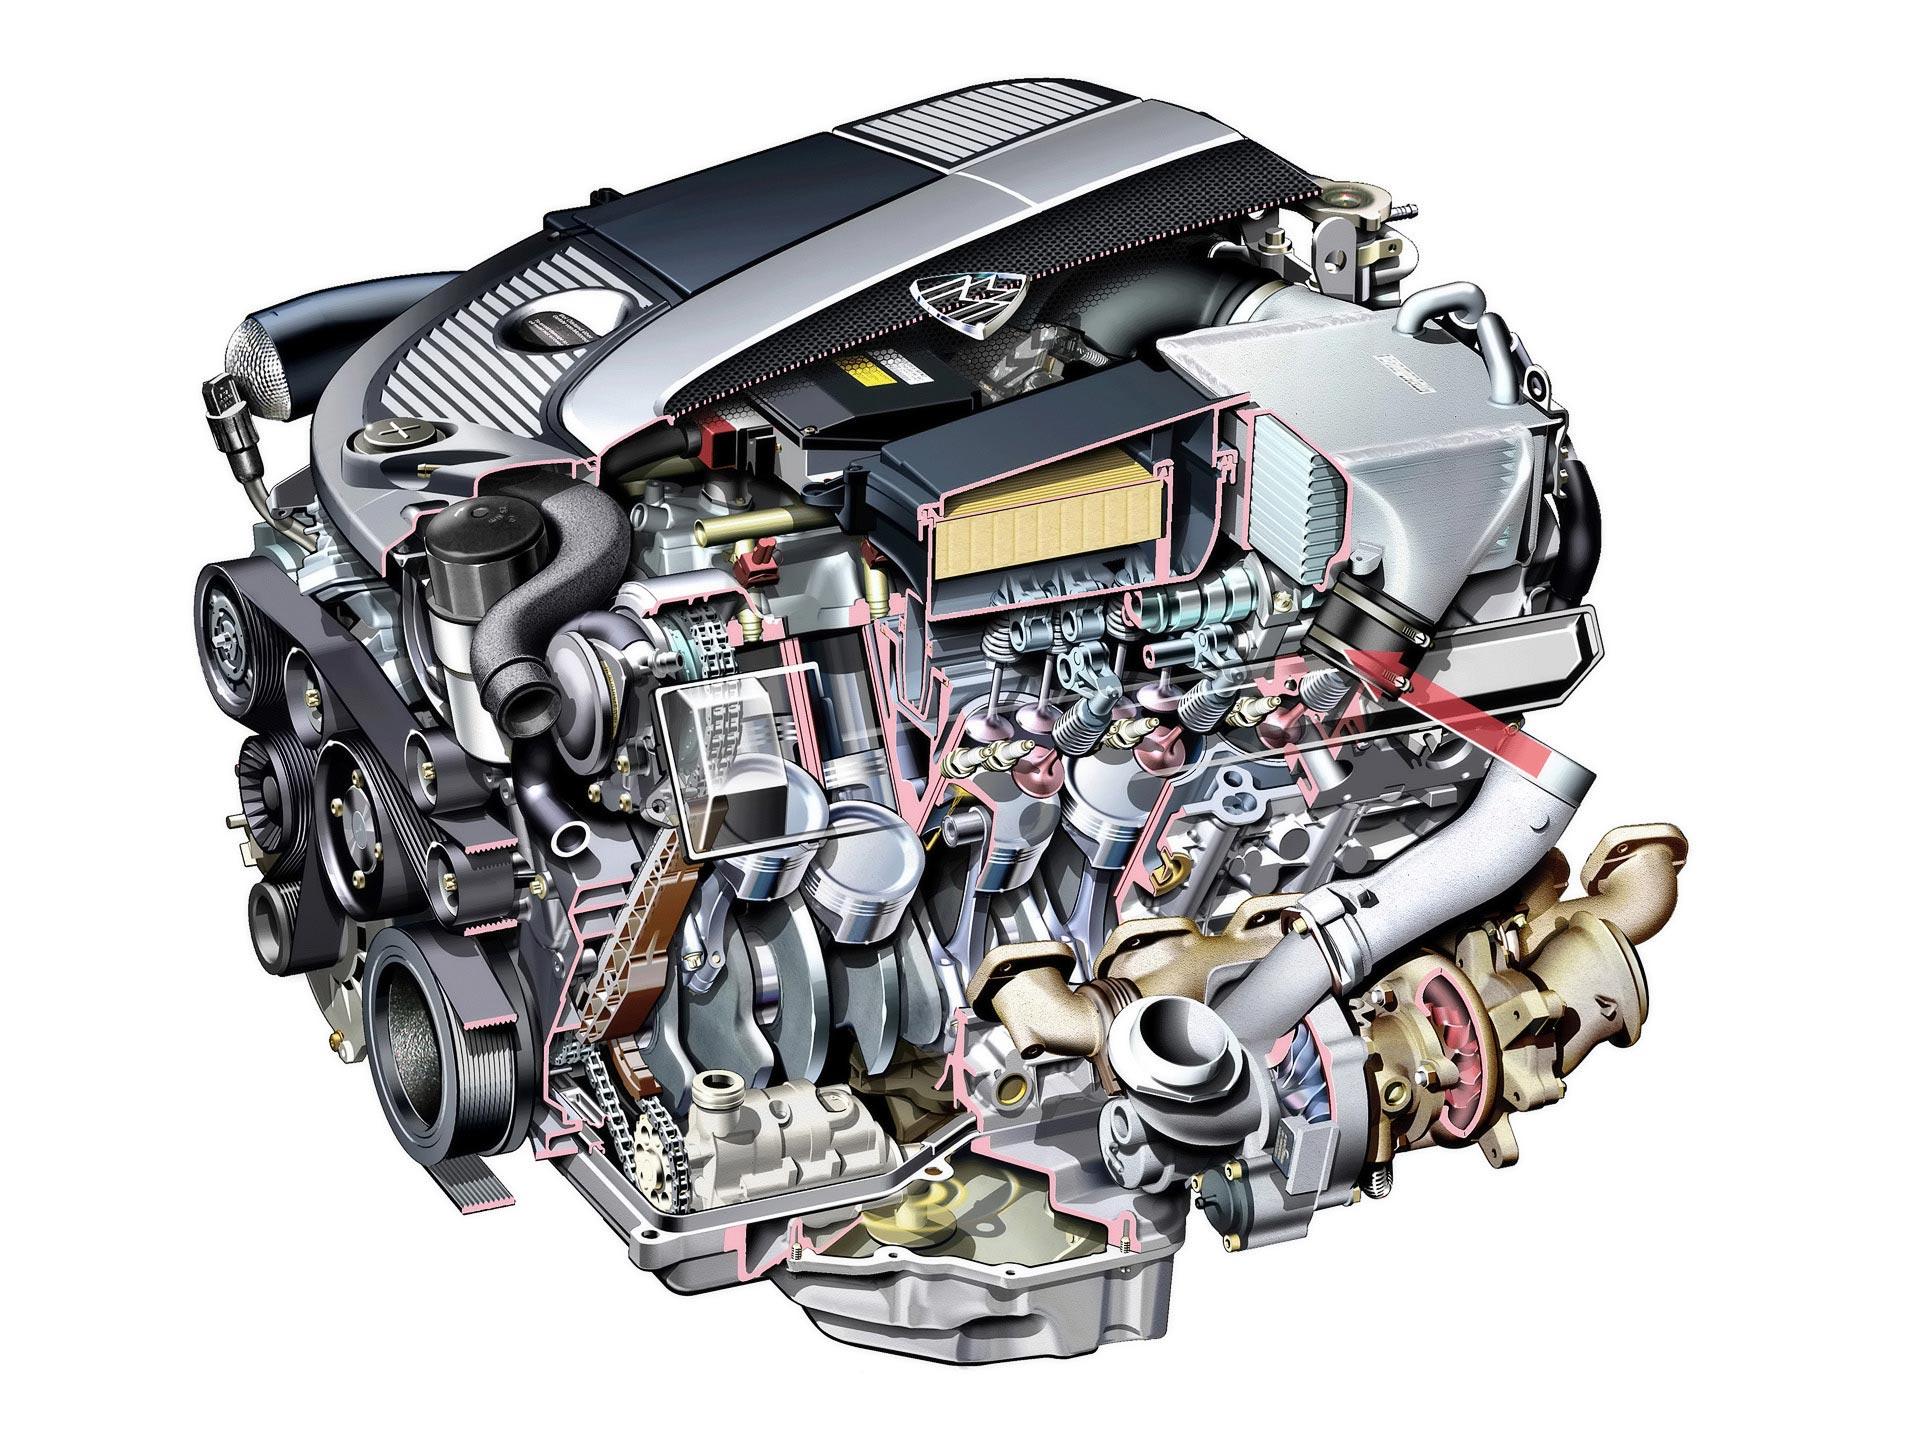 M275 V12 engine cutaway